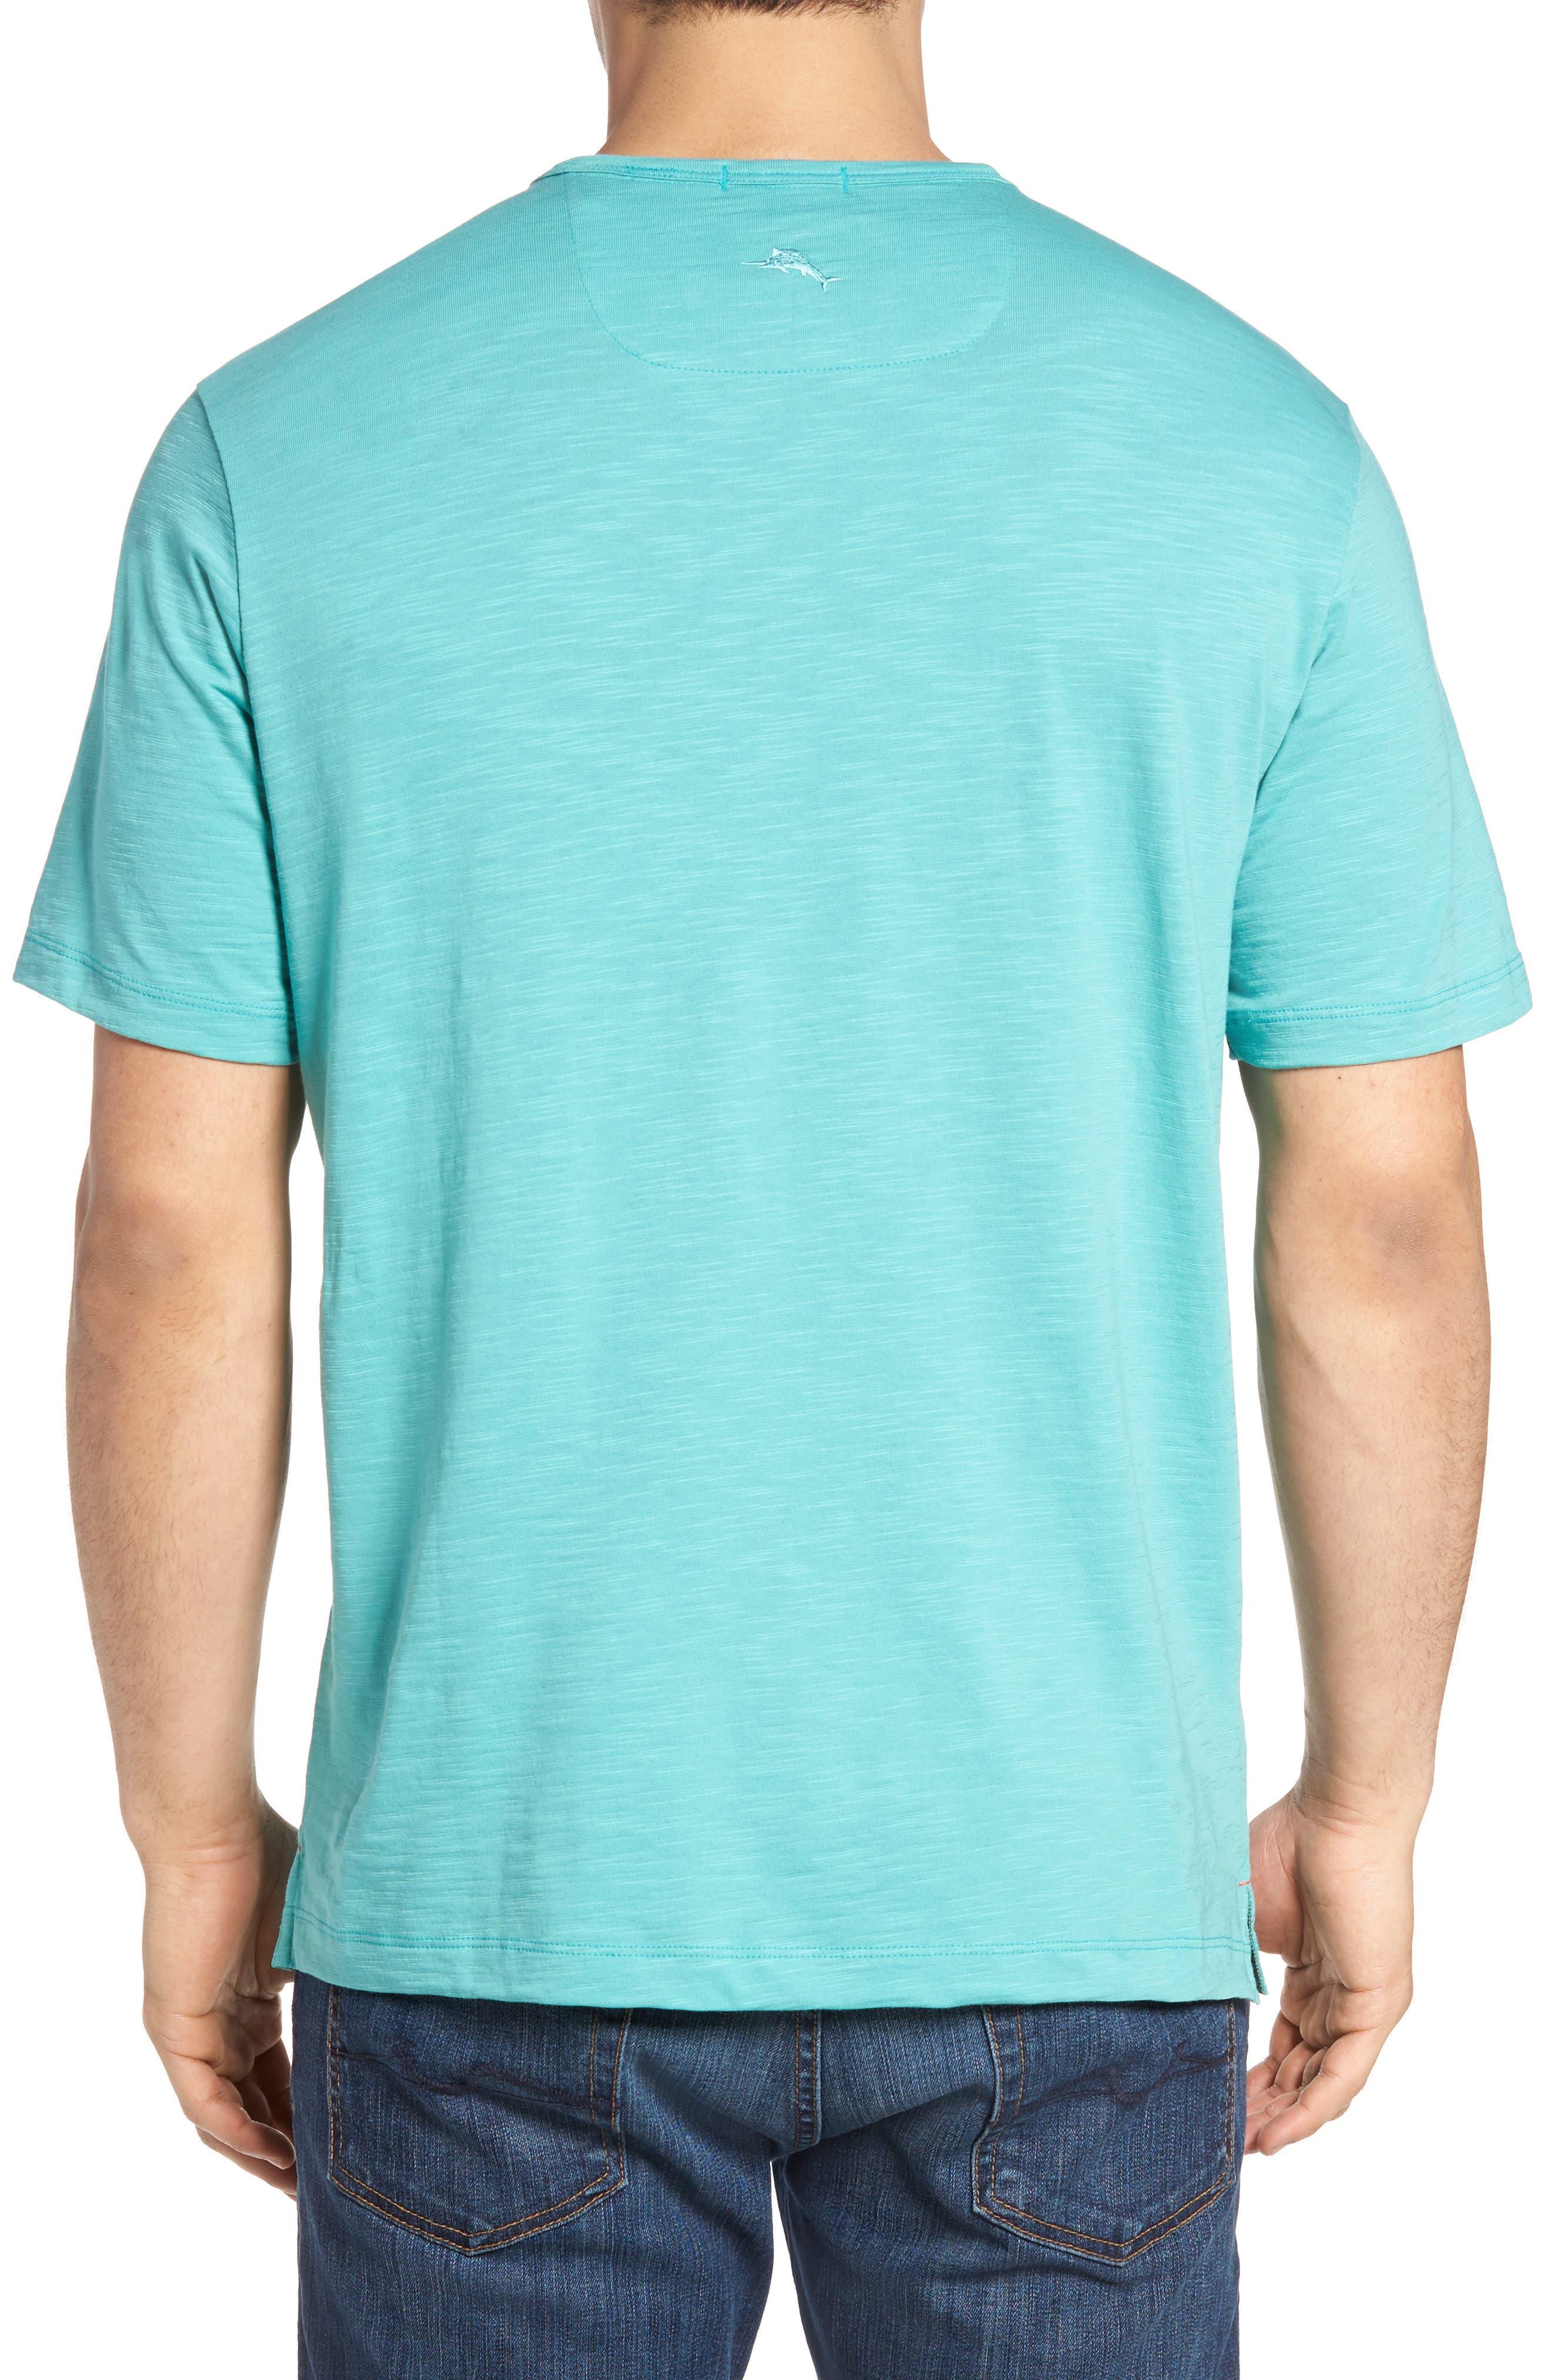 'Portside Player' Pima Cotton T-Shirt,                             Alternate thumbnail 28, color,